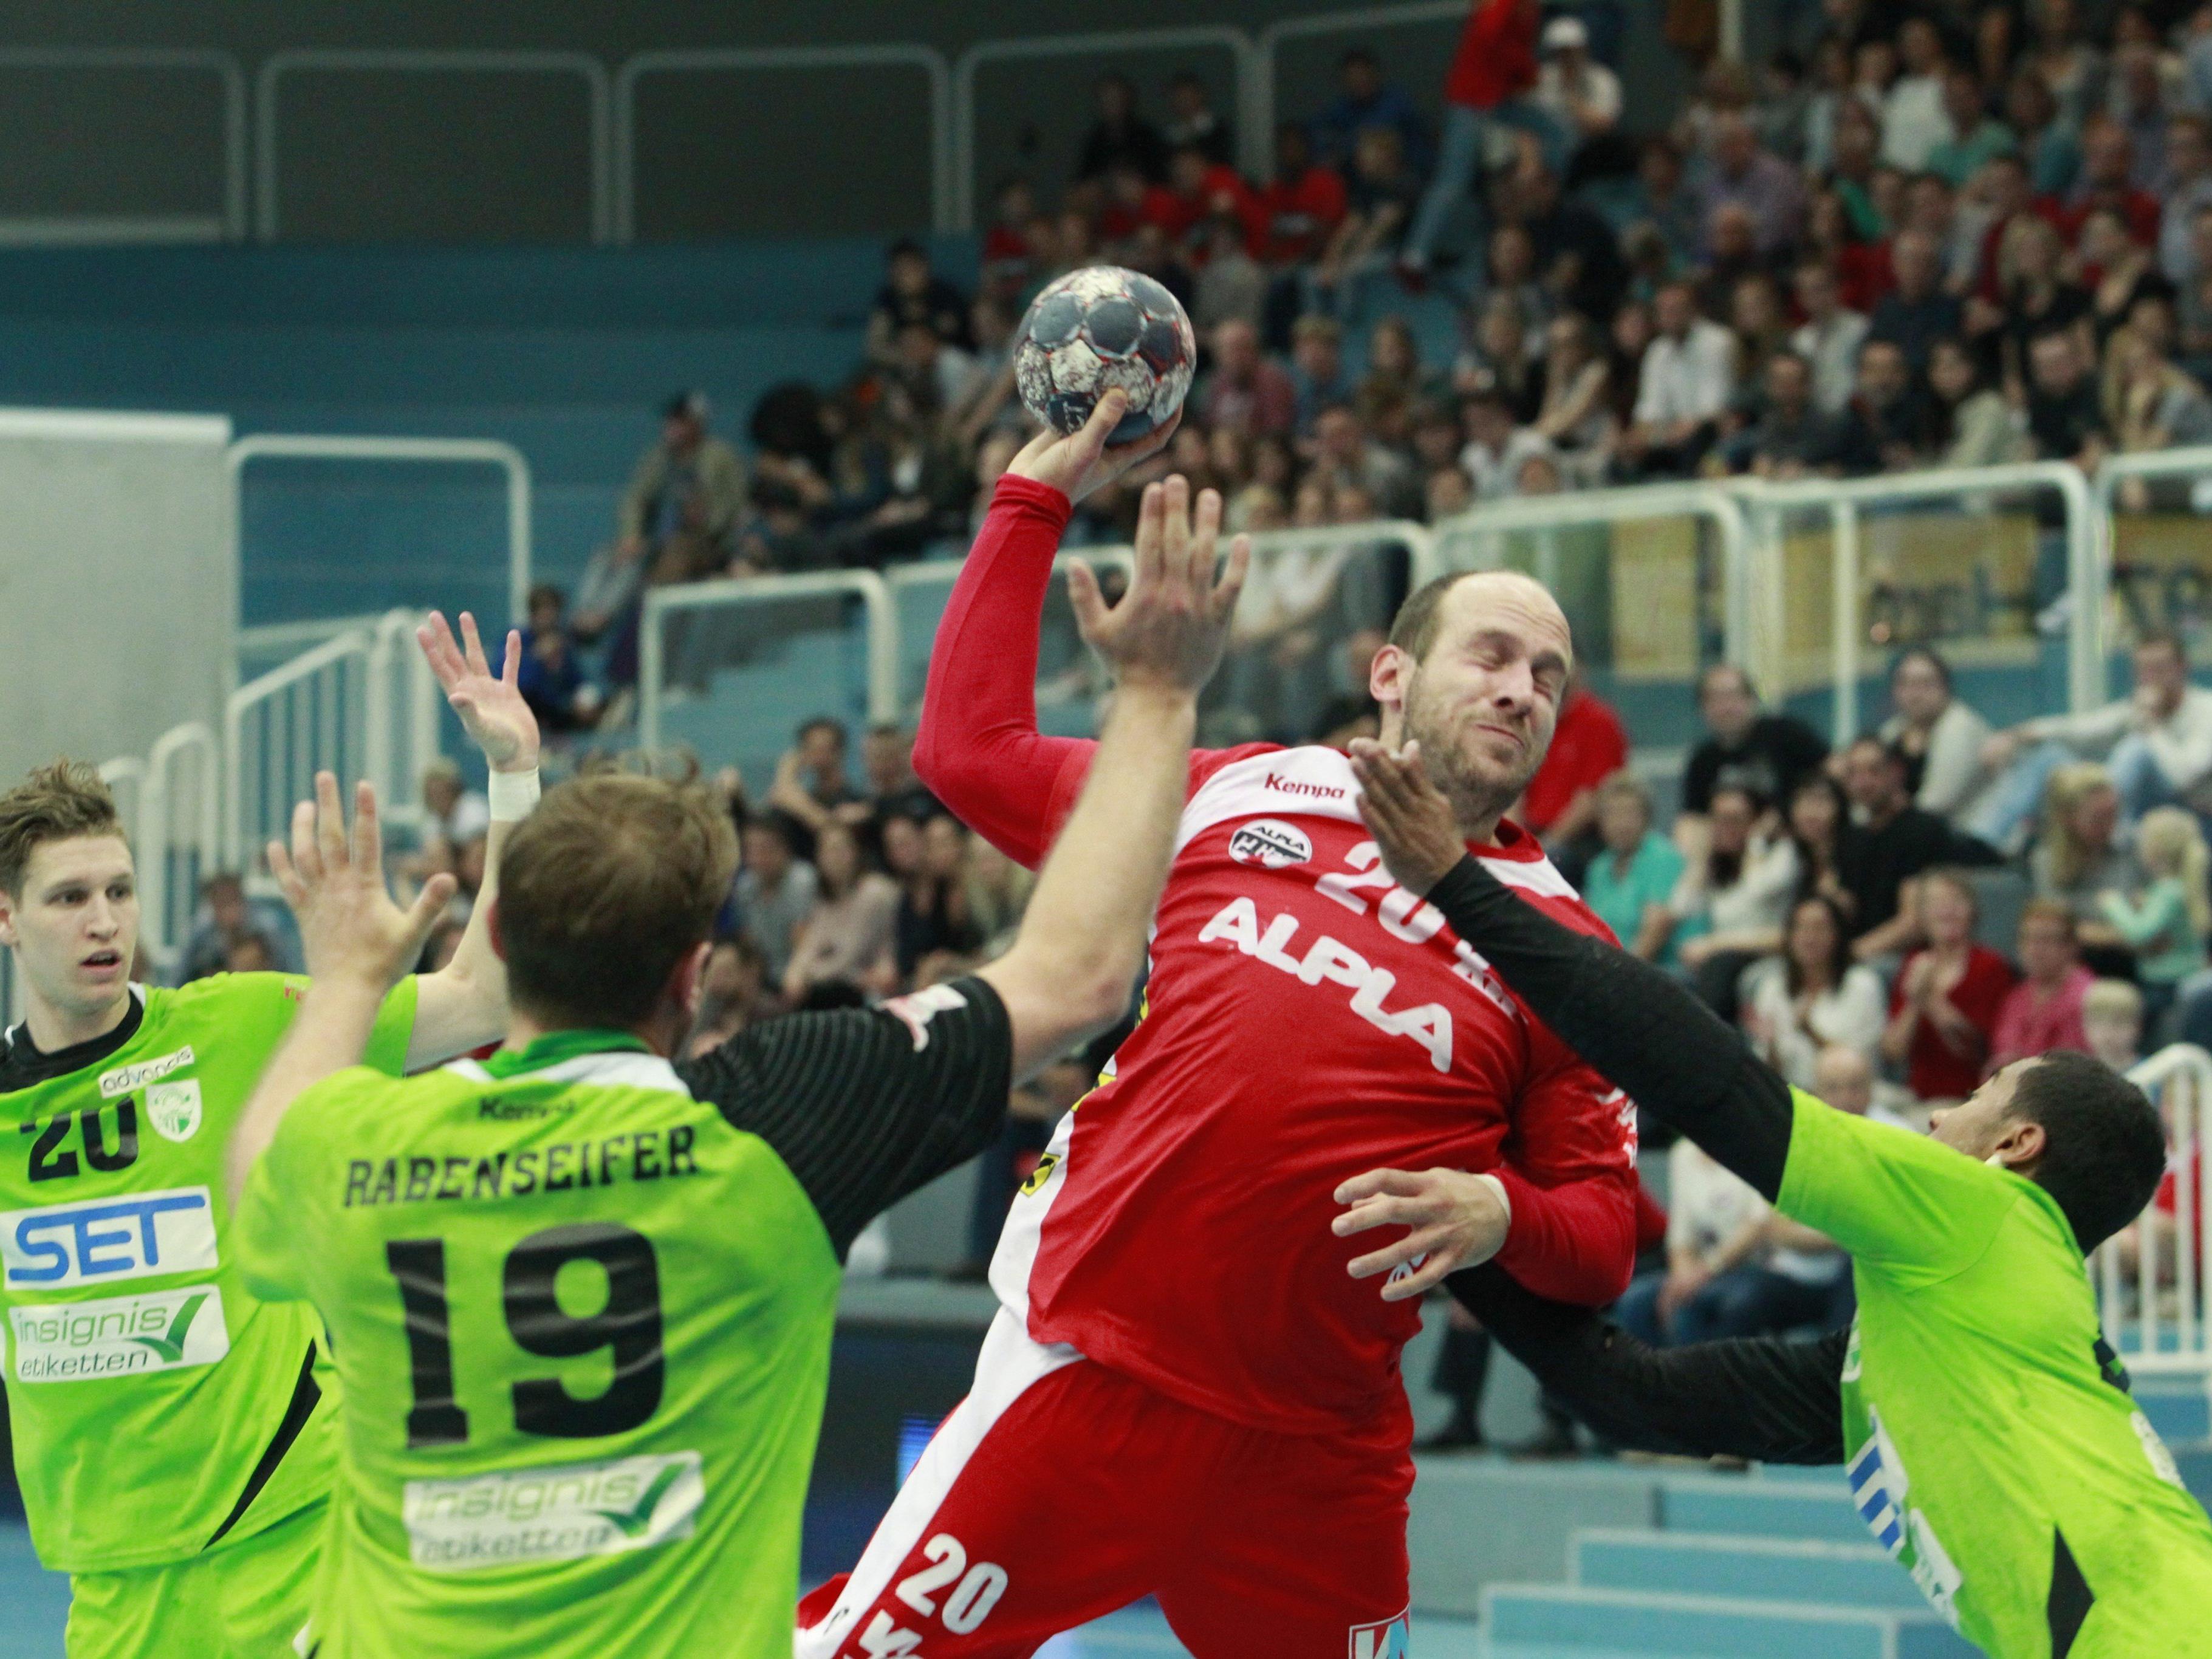 Finaleinzug oder Karriereende heißt es am Sonntag für Roland Schlinger.